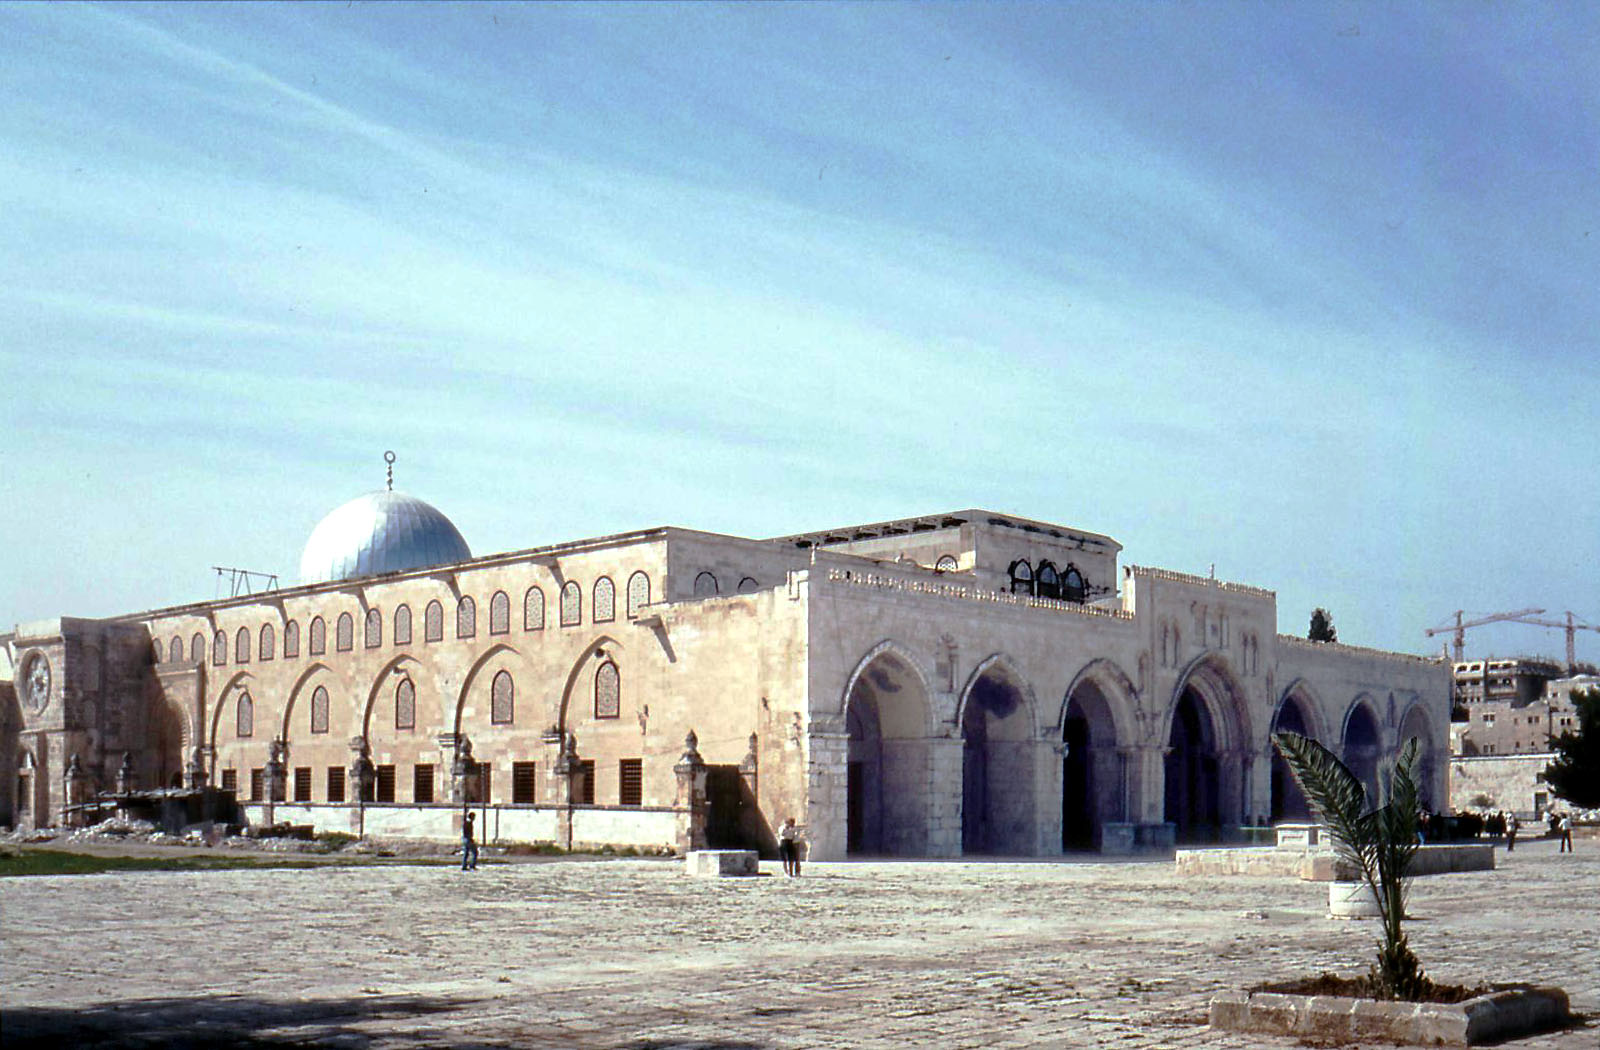 بالصور صور المسجد الاقصى , قمة في الجمال والروعة 2947 9